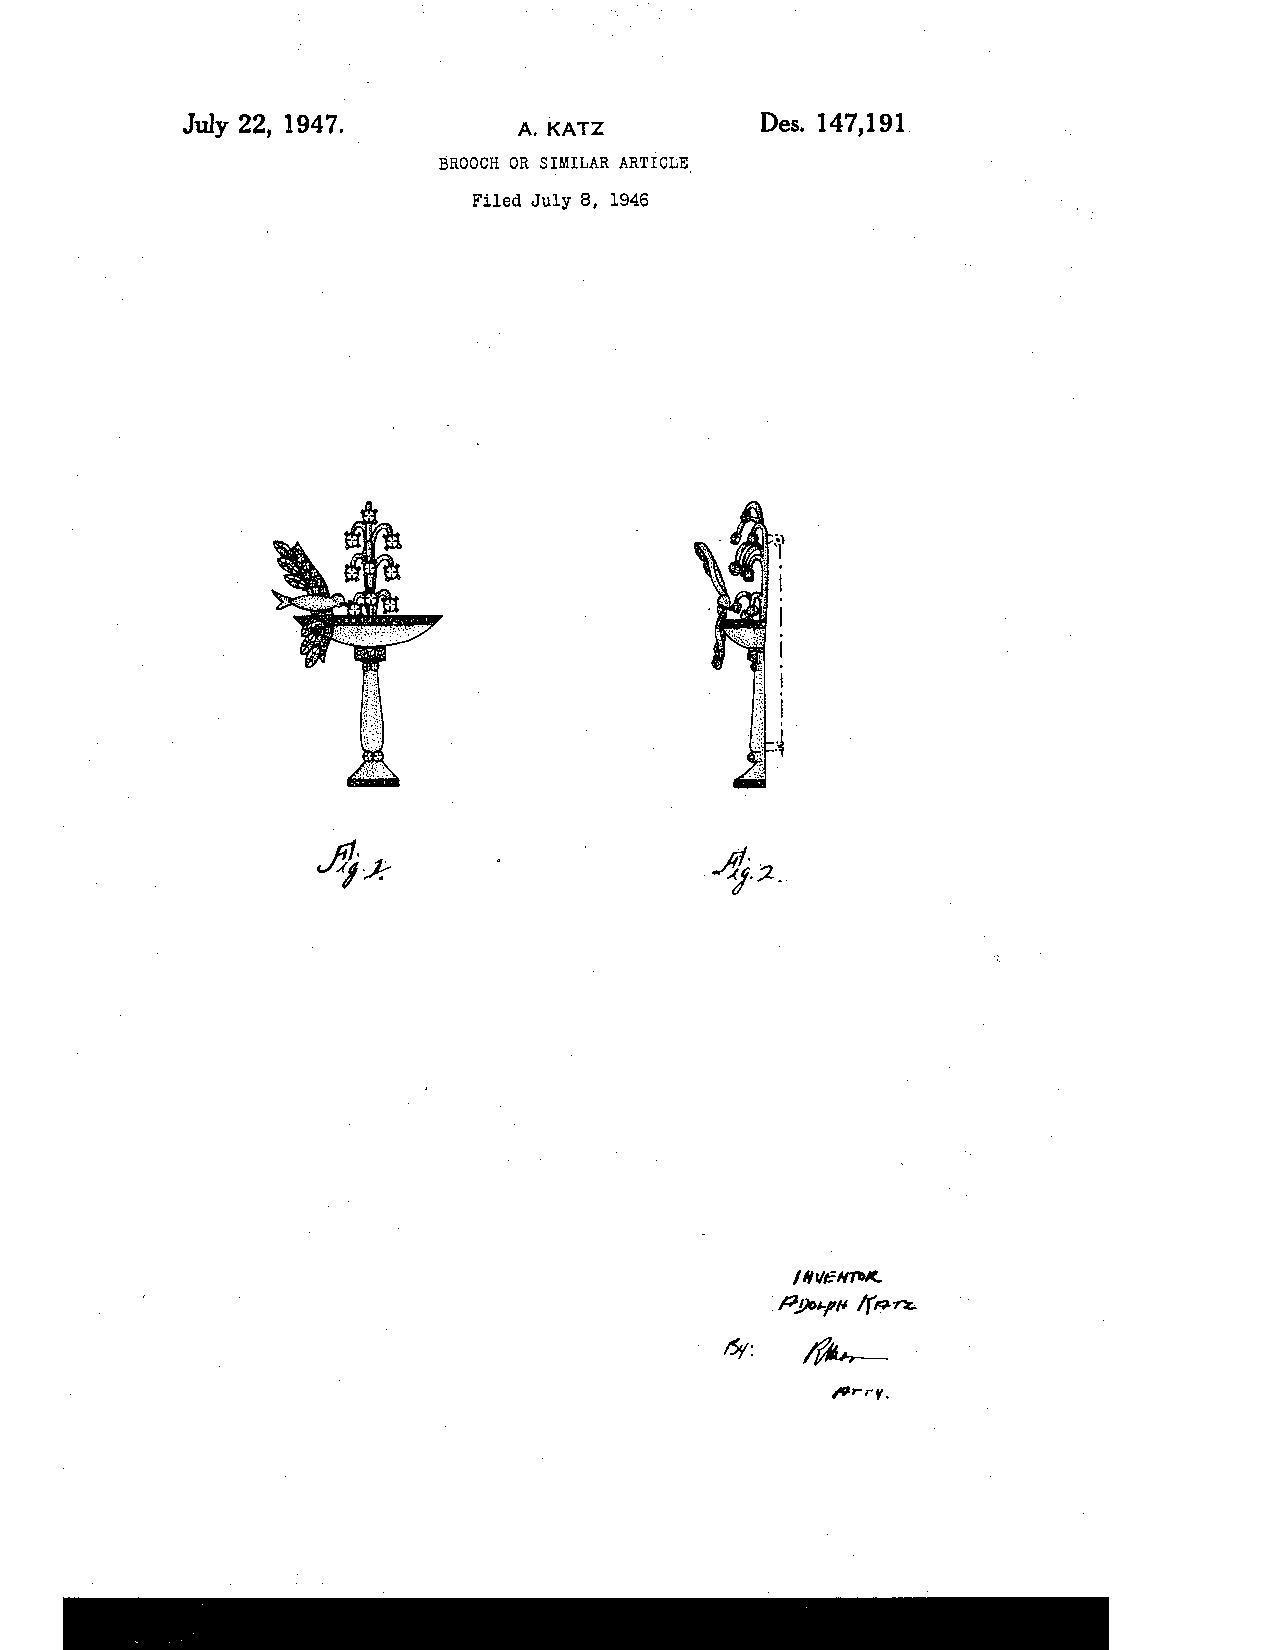 1947 coro bird bath brooch from wrightglitz on ruby lane